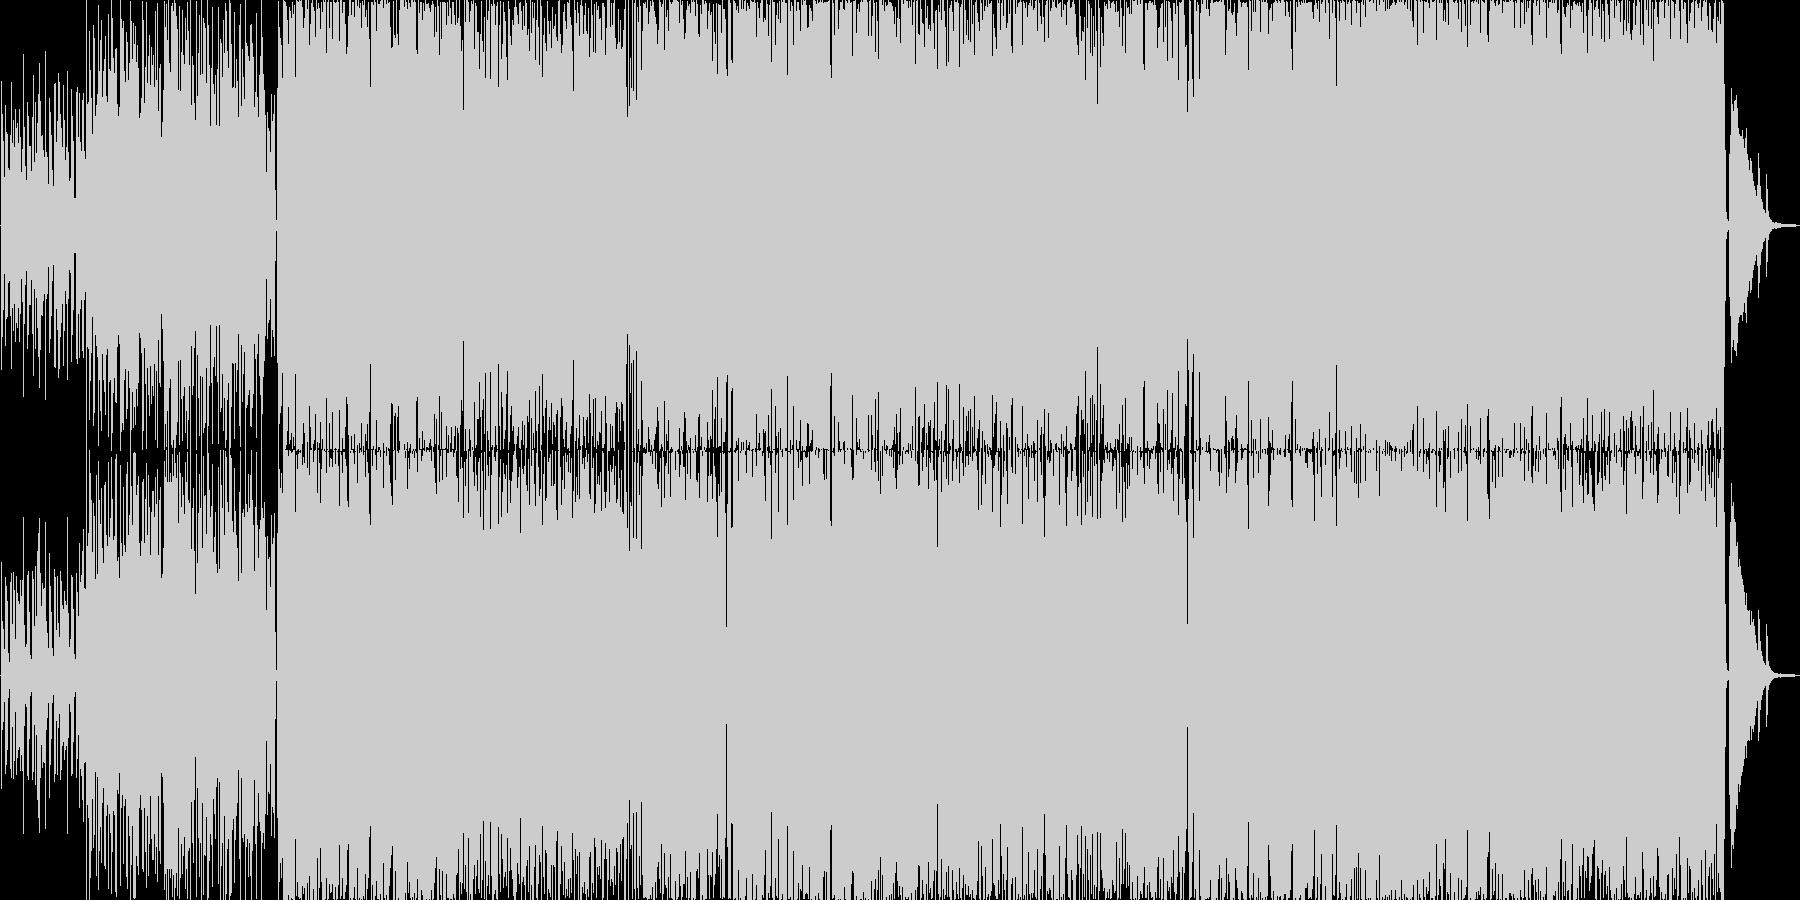 男女混声の軽快で可愛らしいポップスの未再生の波形